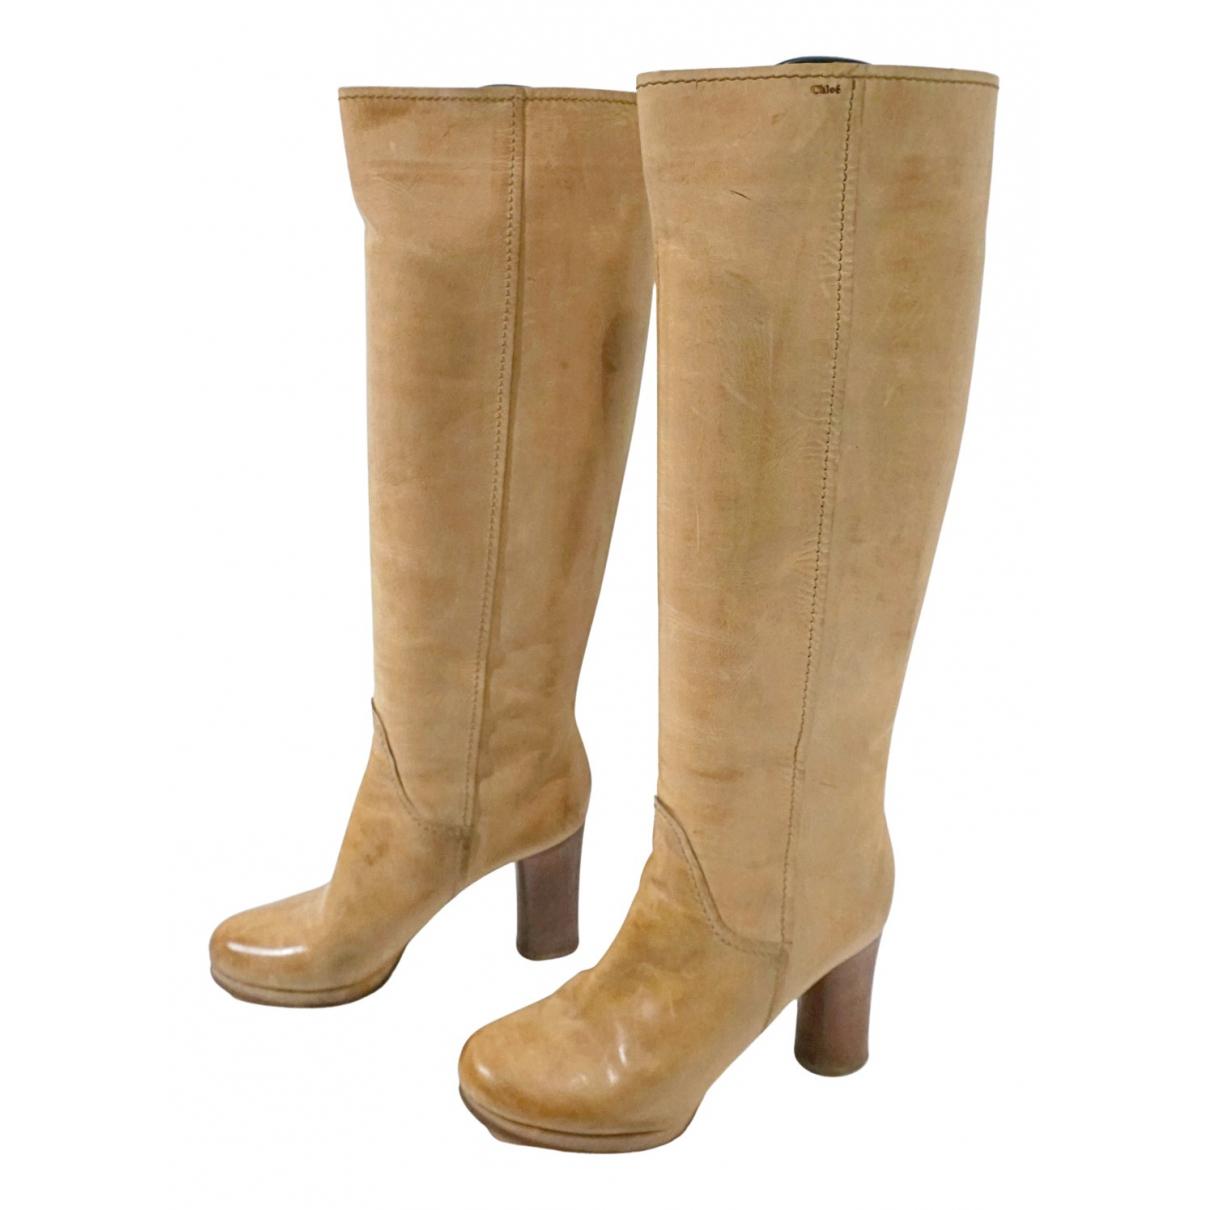 Chloe - Escarpins   pour femme en cuir - beige